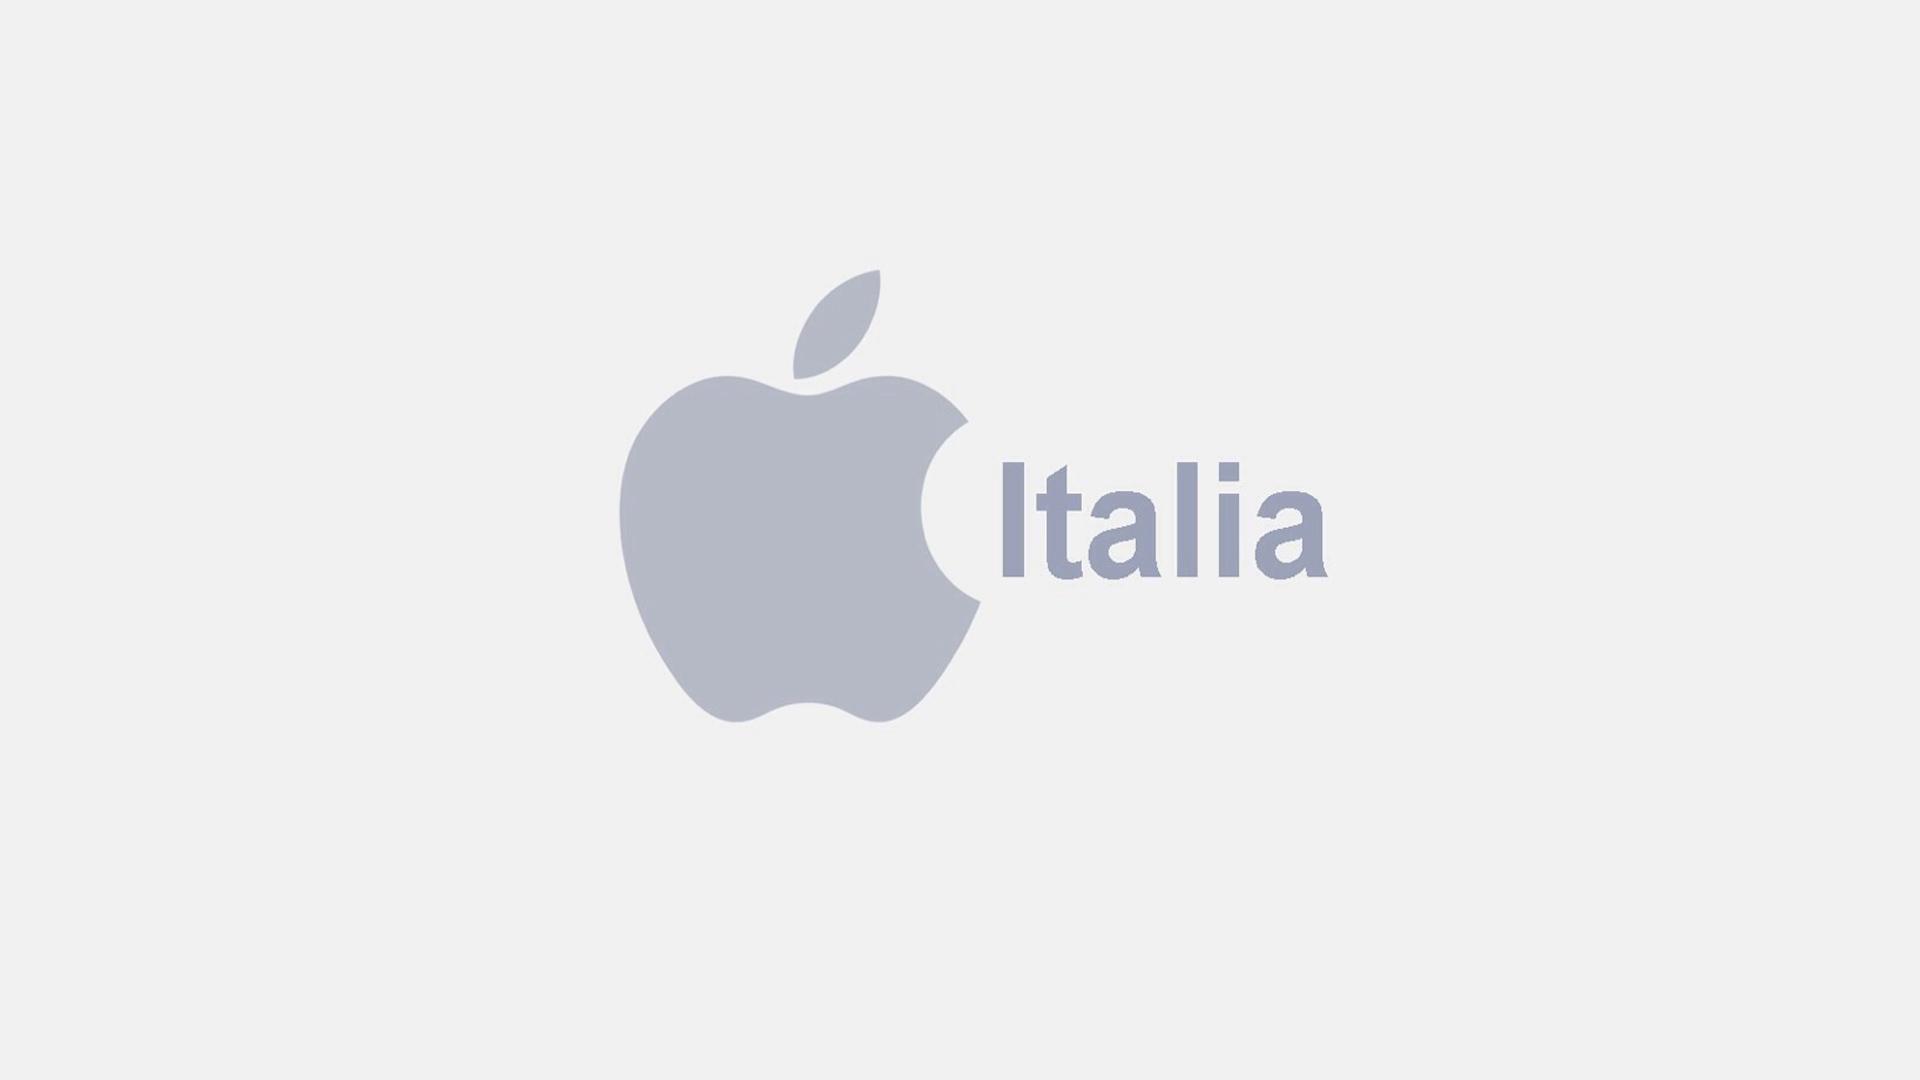 La compañía impartirá conocimientos para desarrolladores en Italia